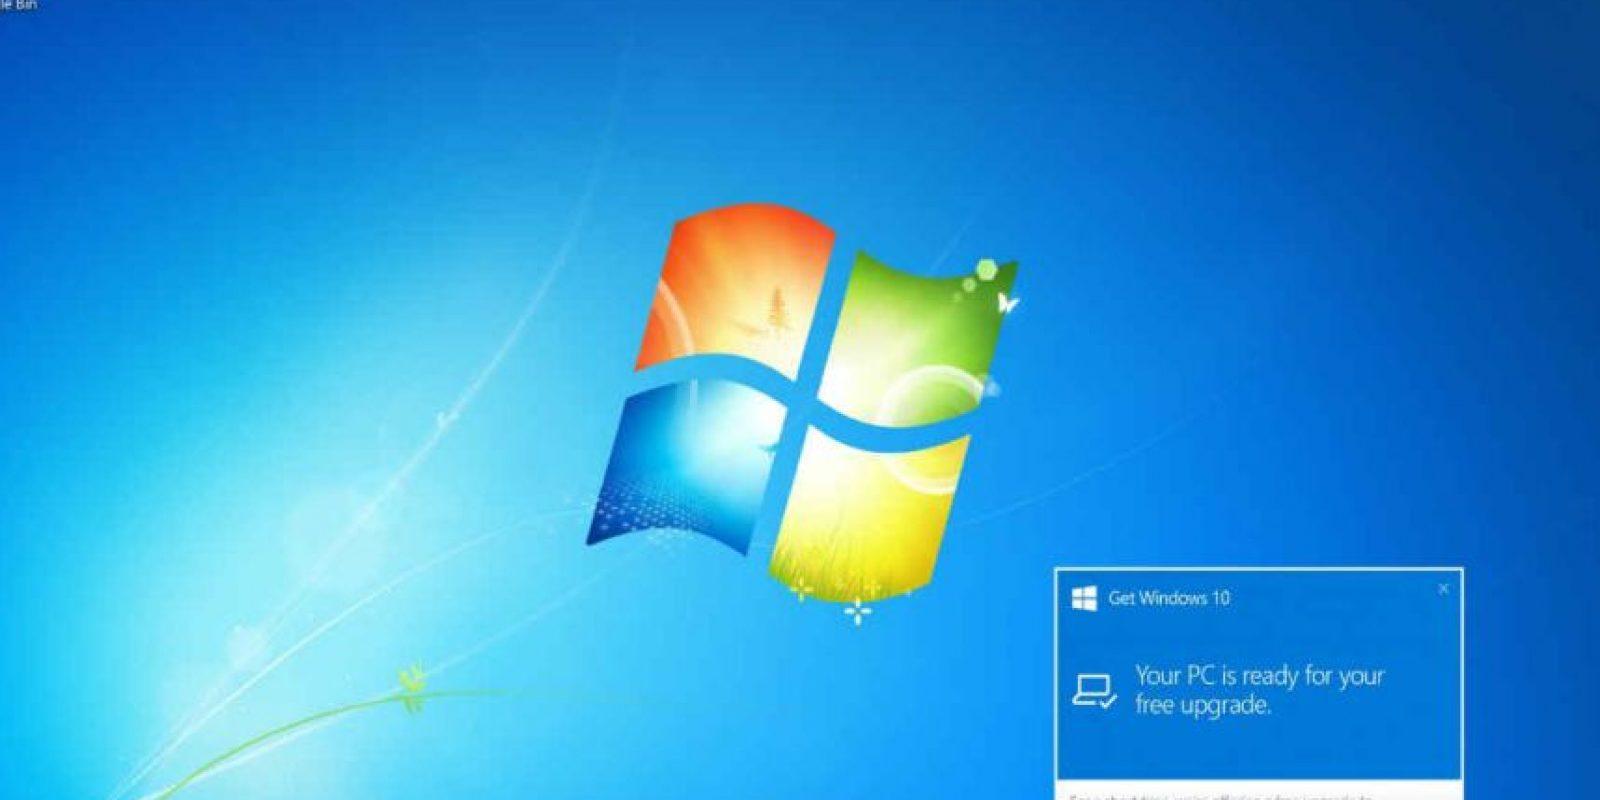 Windows 10 es el más reciente sistema operativo de Microsoft. Foto:Windows 10. Imagen Por: